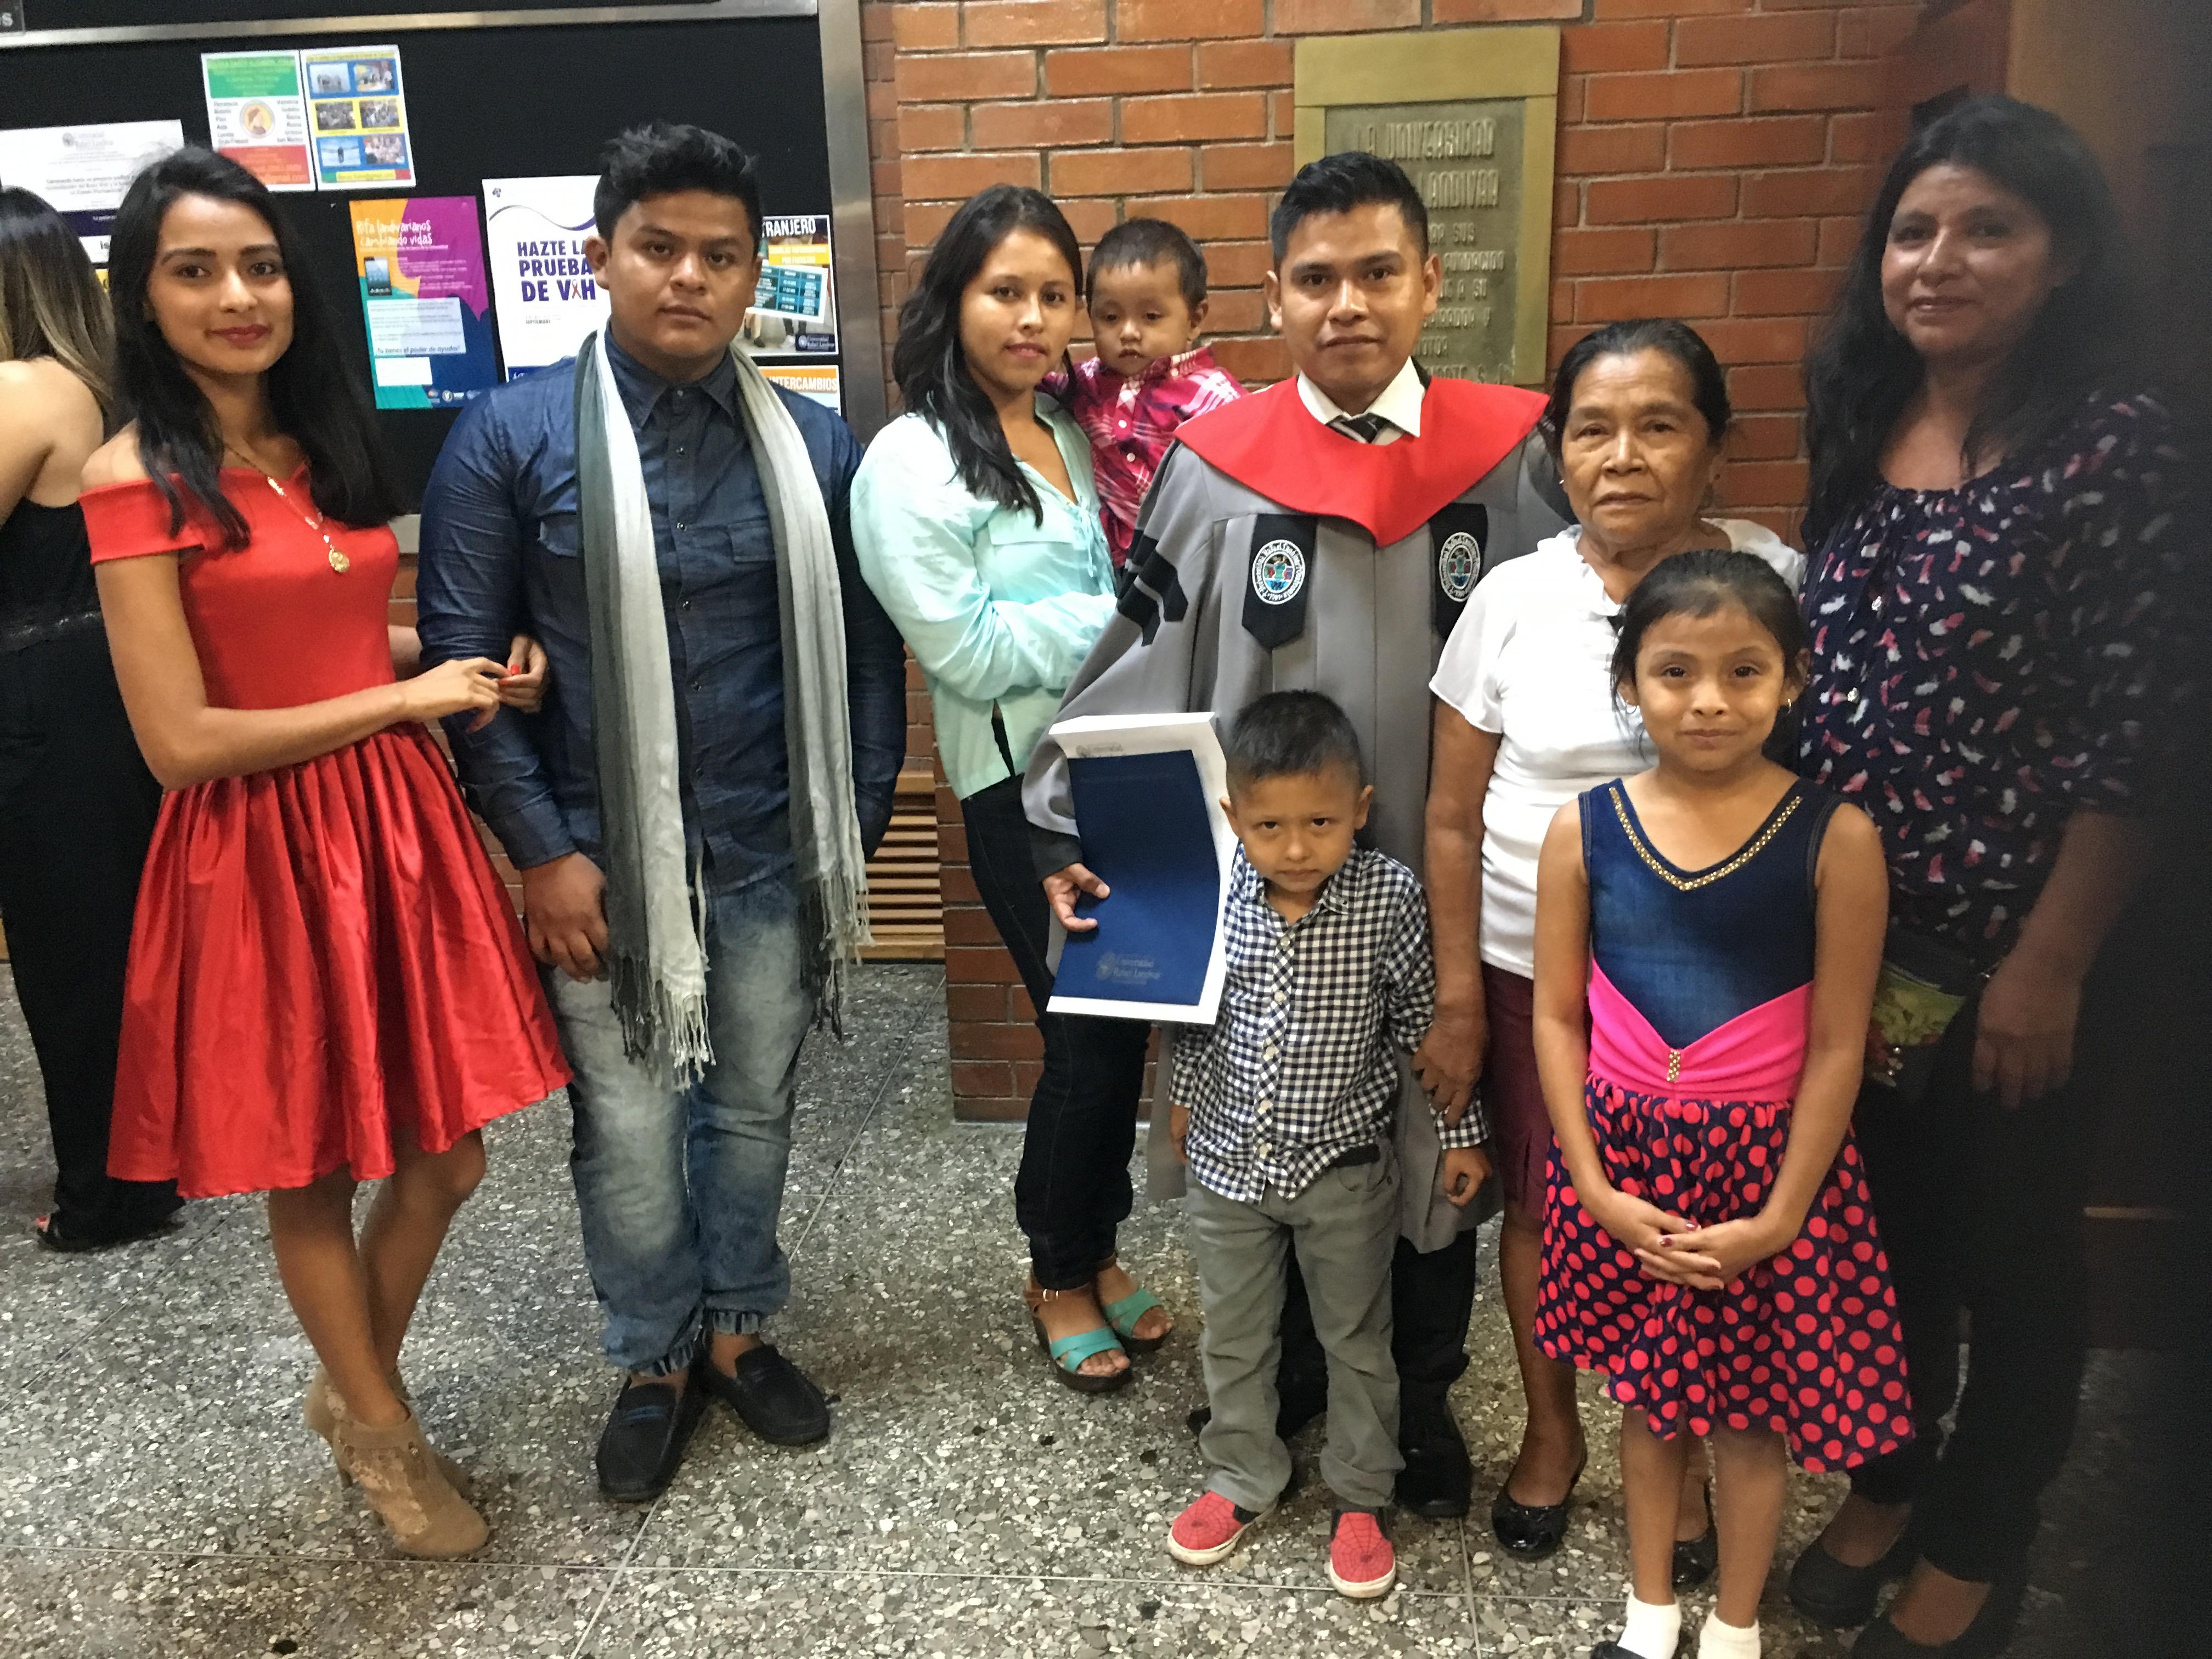 Oscar con su familia